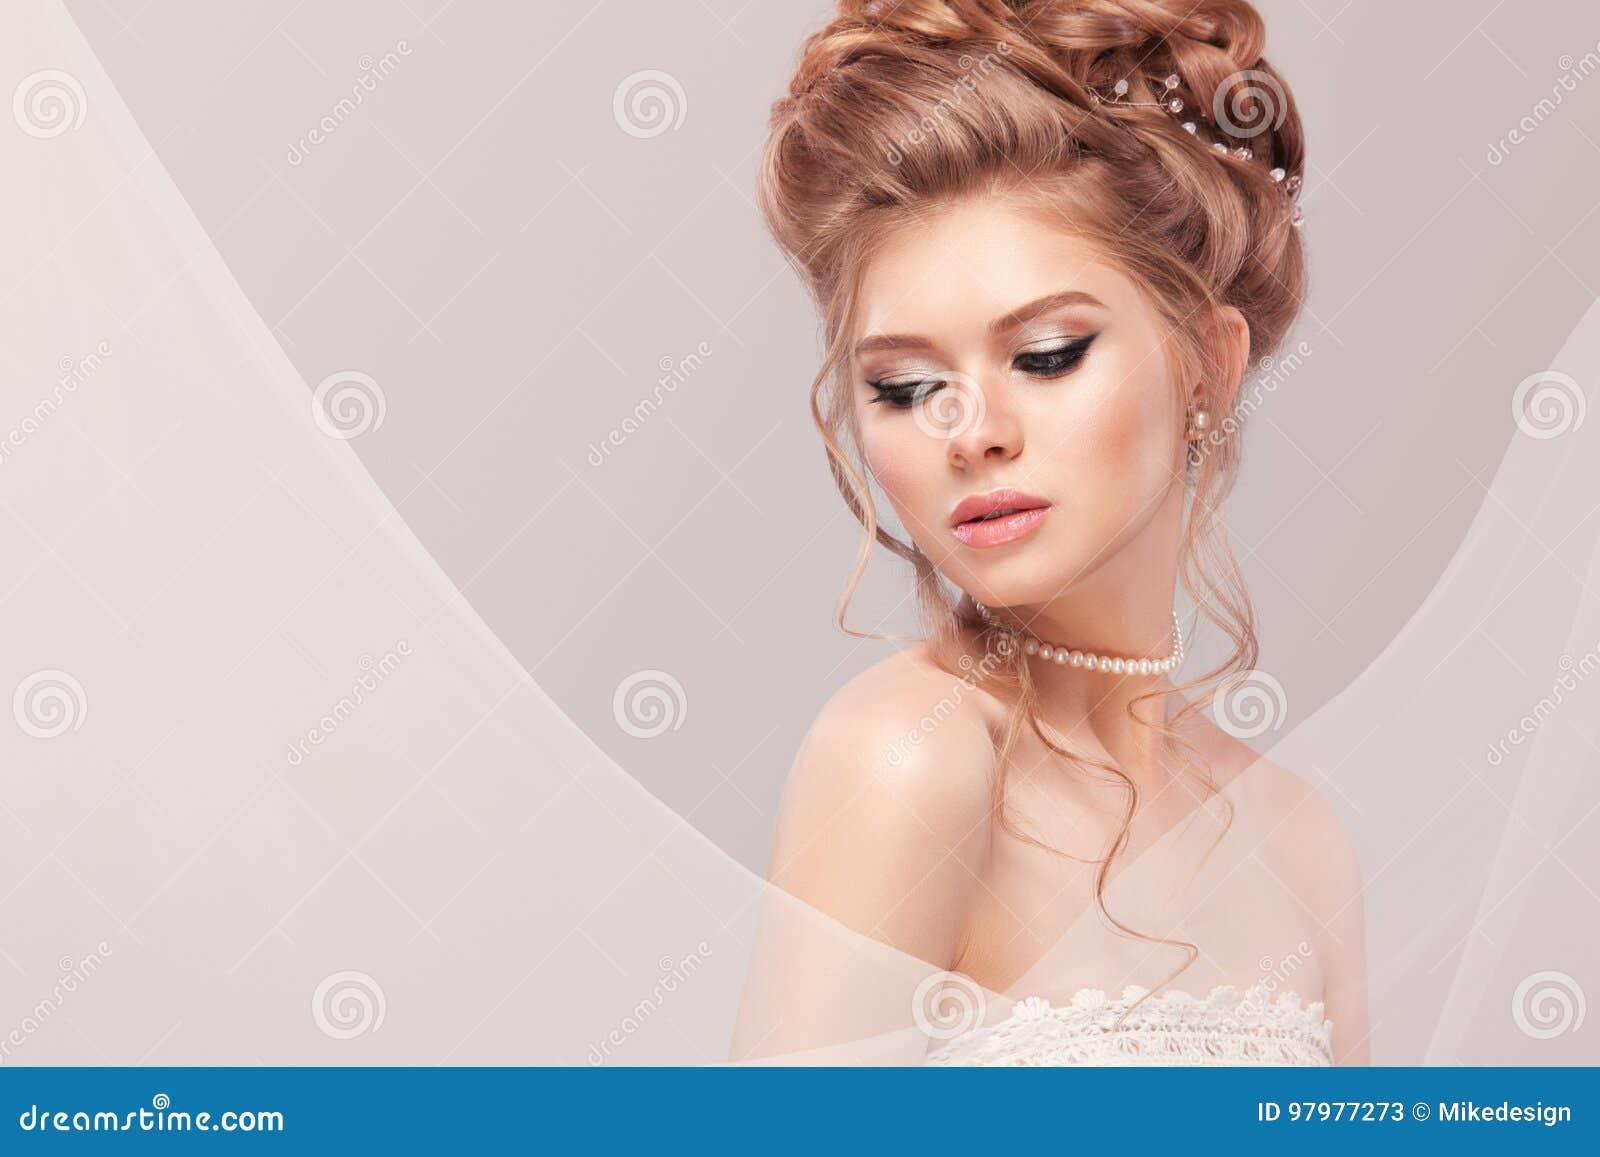 Coiffures de mariage Г la mode pour la mariГ©e